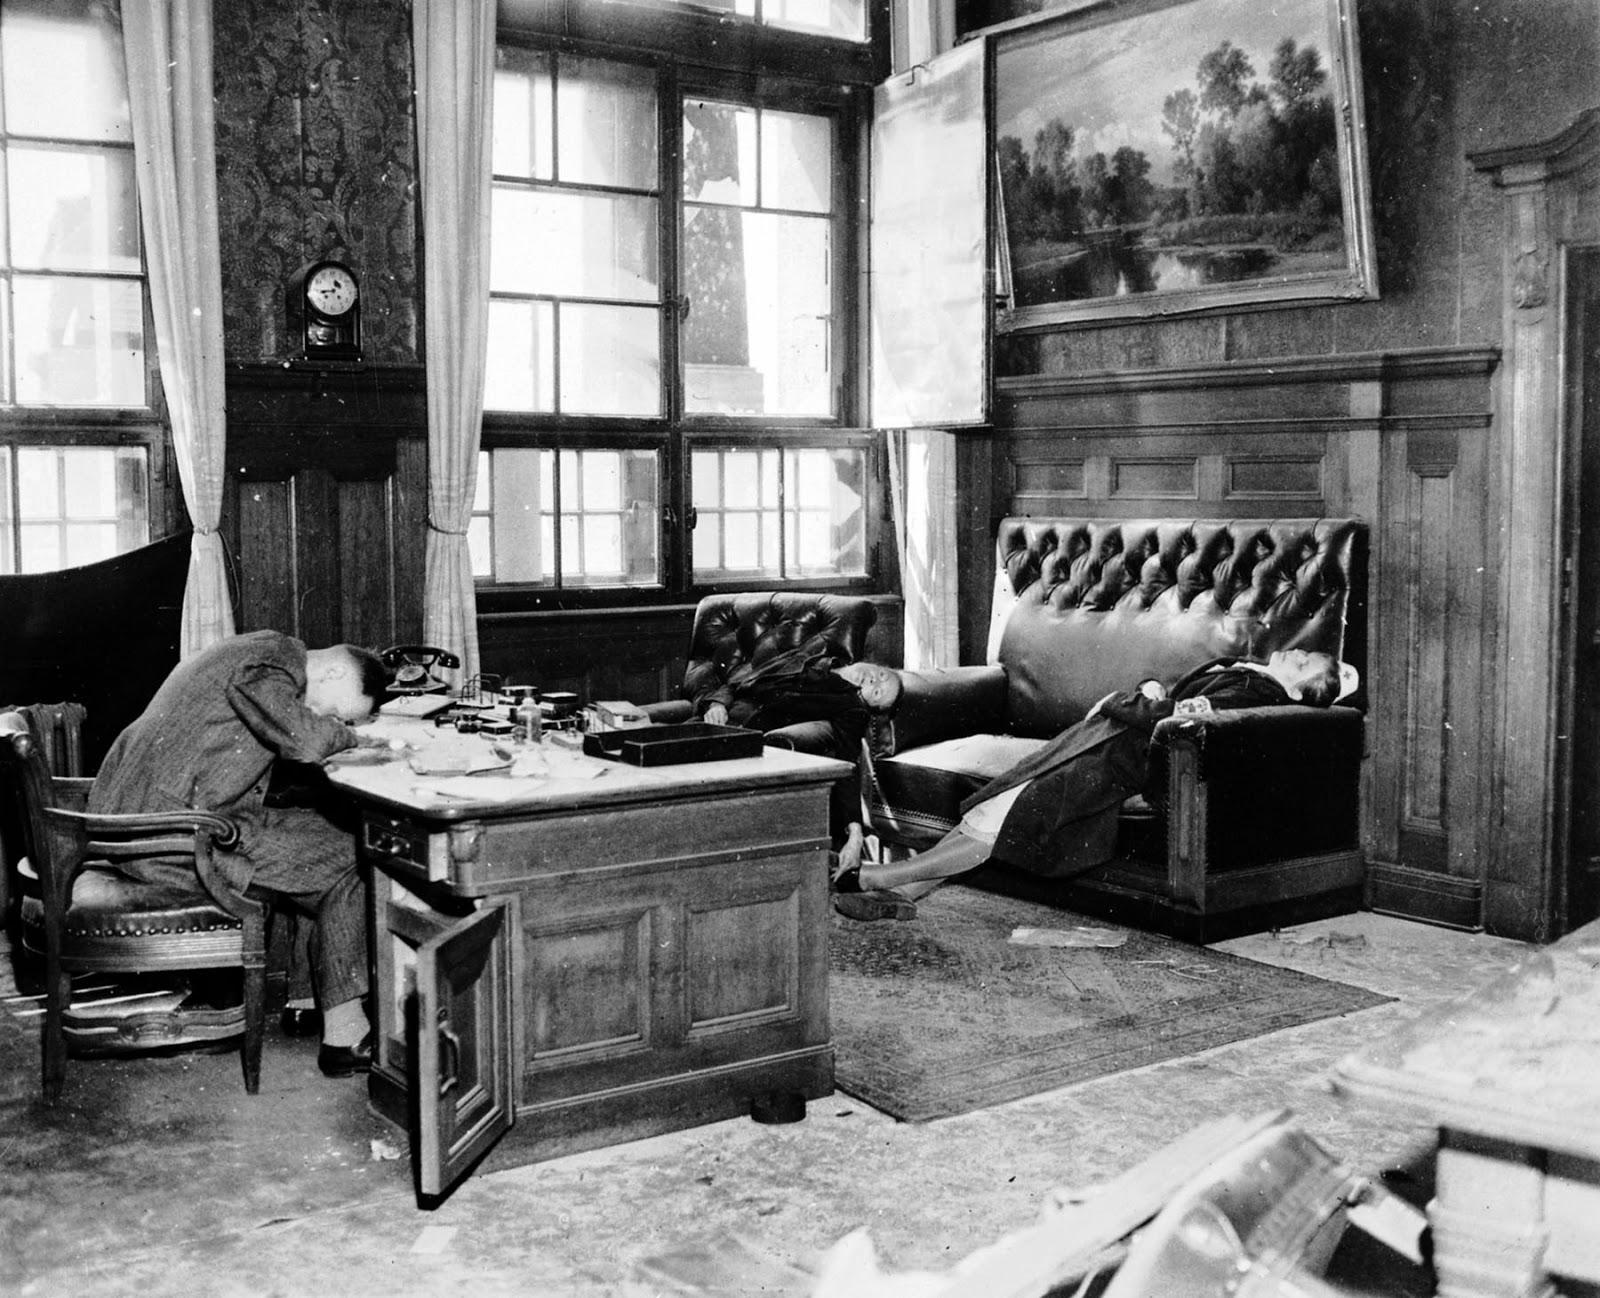 Заместитель мэра Эрнст Курт Lisso и его семья после совершения самоубийства цианидом, чтобы избежать захвата американскими войсками, 1945